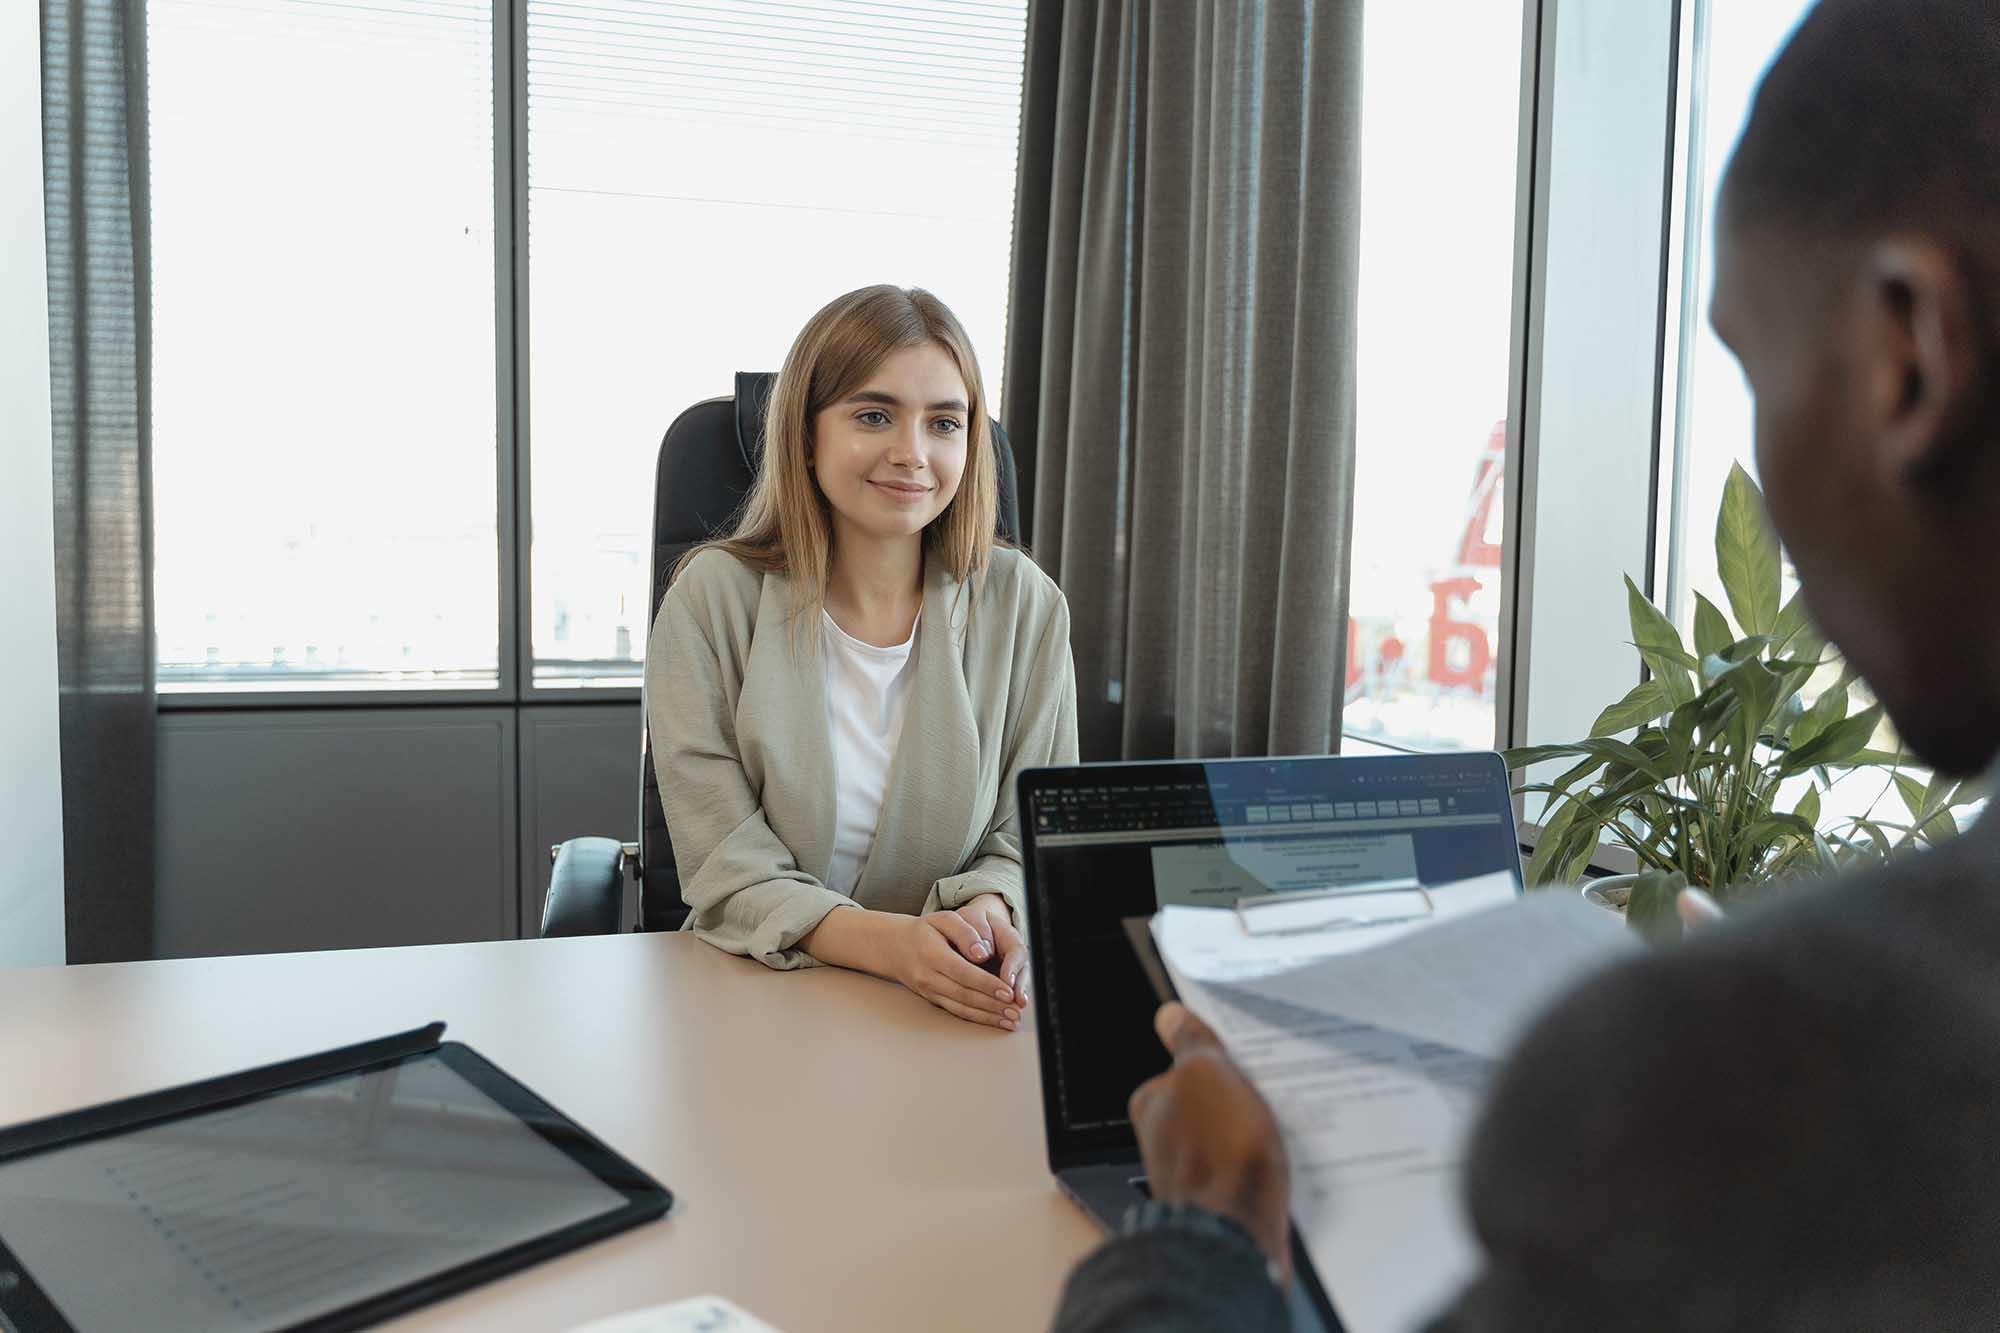 cách đối diện với áp lực tìm kiếm việc làm